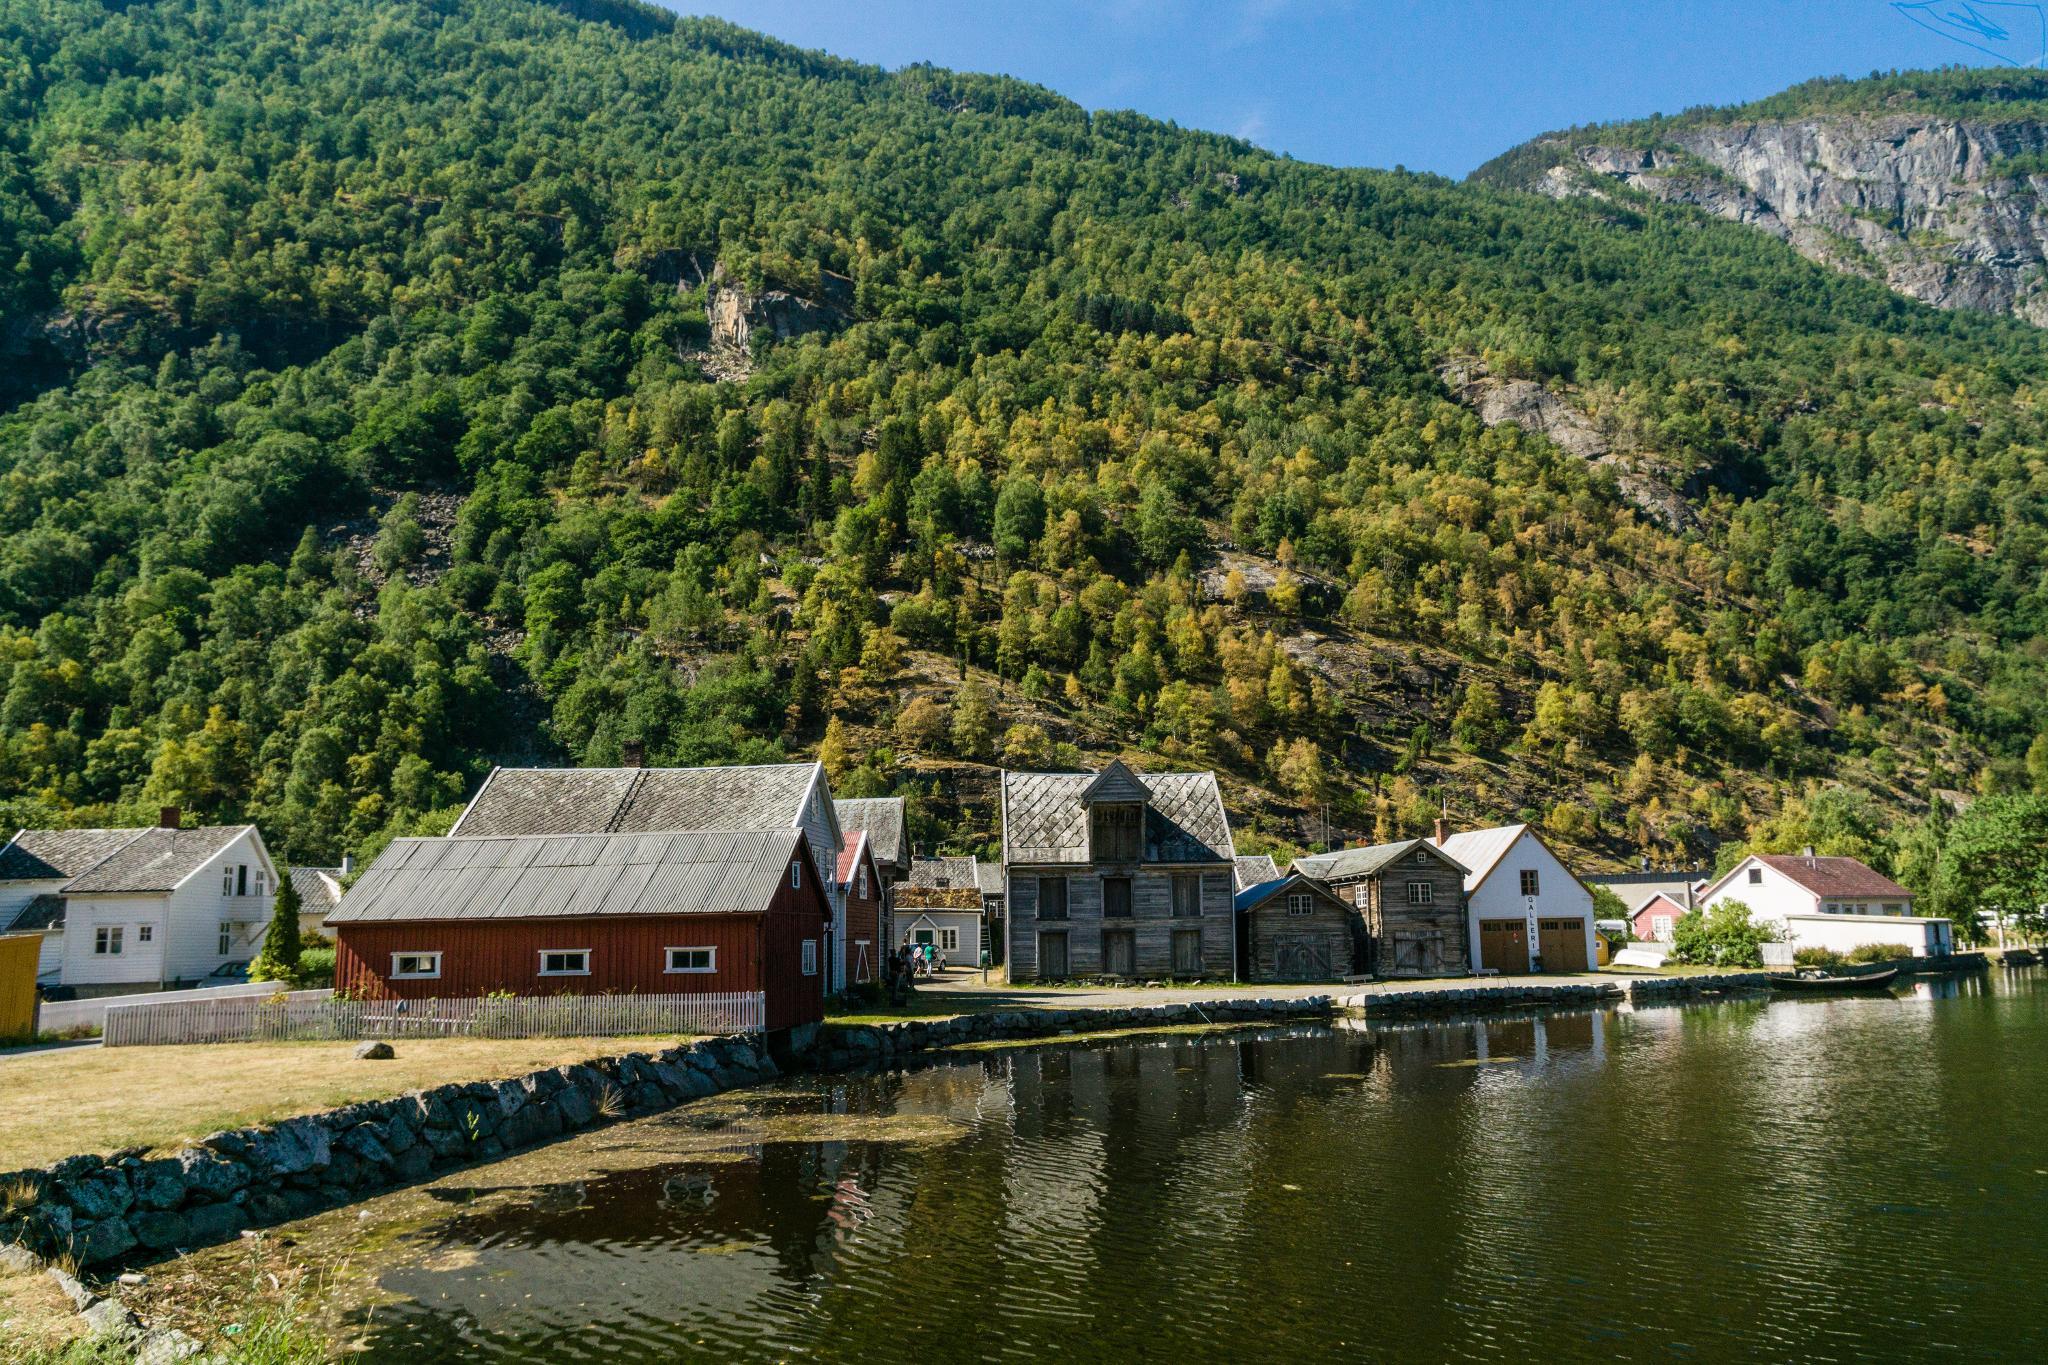 【北歐景點】Lærdalsøyri 世遺松恩峽灣萊達爾小鎮的仲夏風景 29